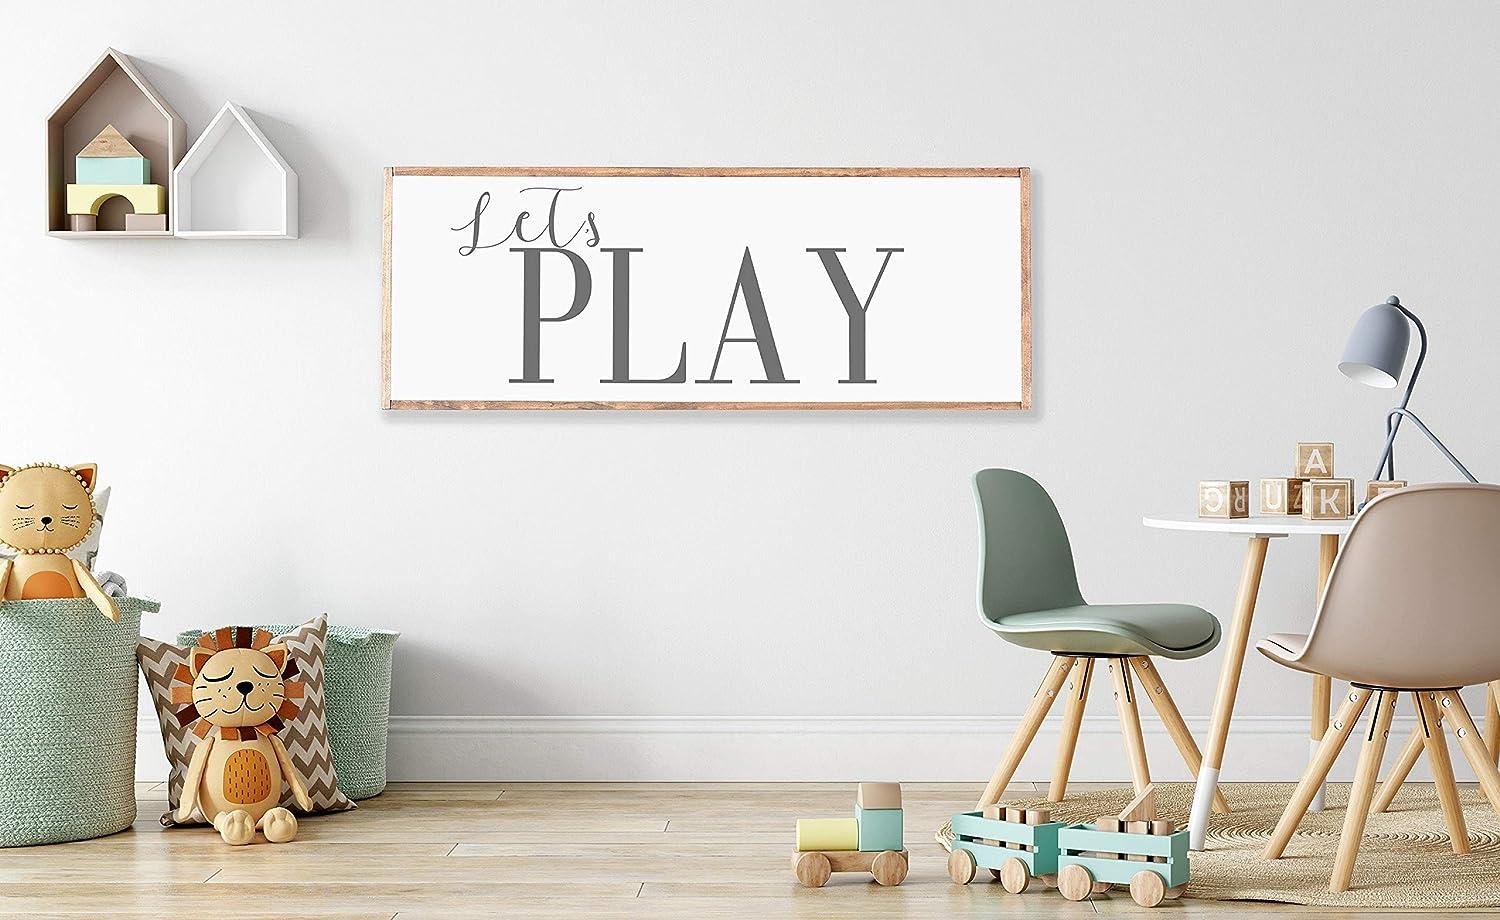 Amazon Com Promini Lets Play Wood Framed Sign Playroom Wall Art Nursery Decor Playroom Decor Farmhouse Sign Playroom Wall Decor For Playroom Nursery 12x22 Inch Wooden Sign Wall Art Home Decor Home